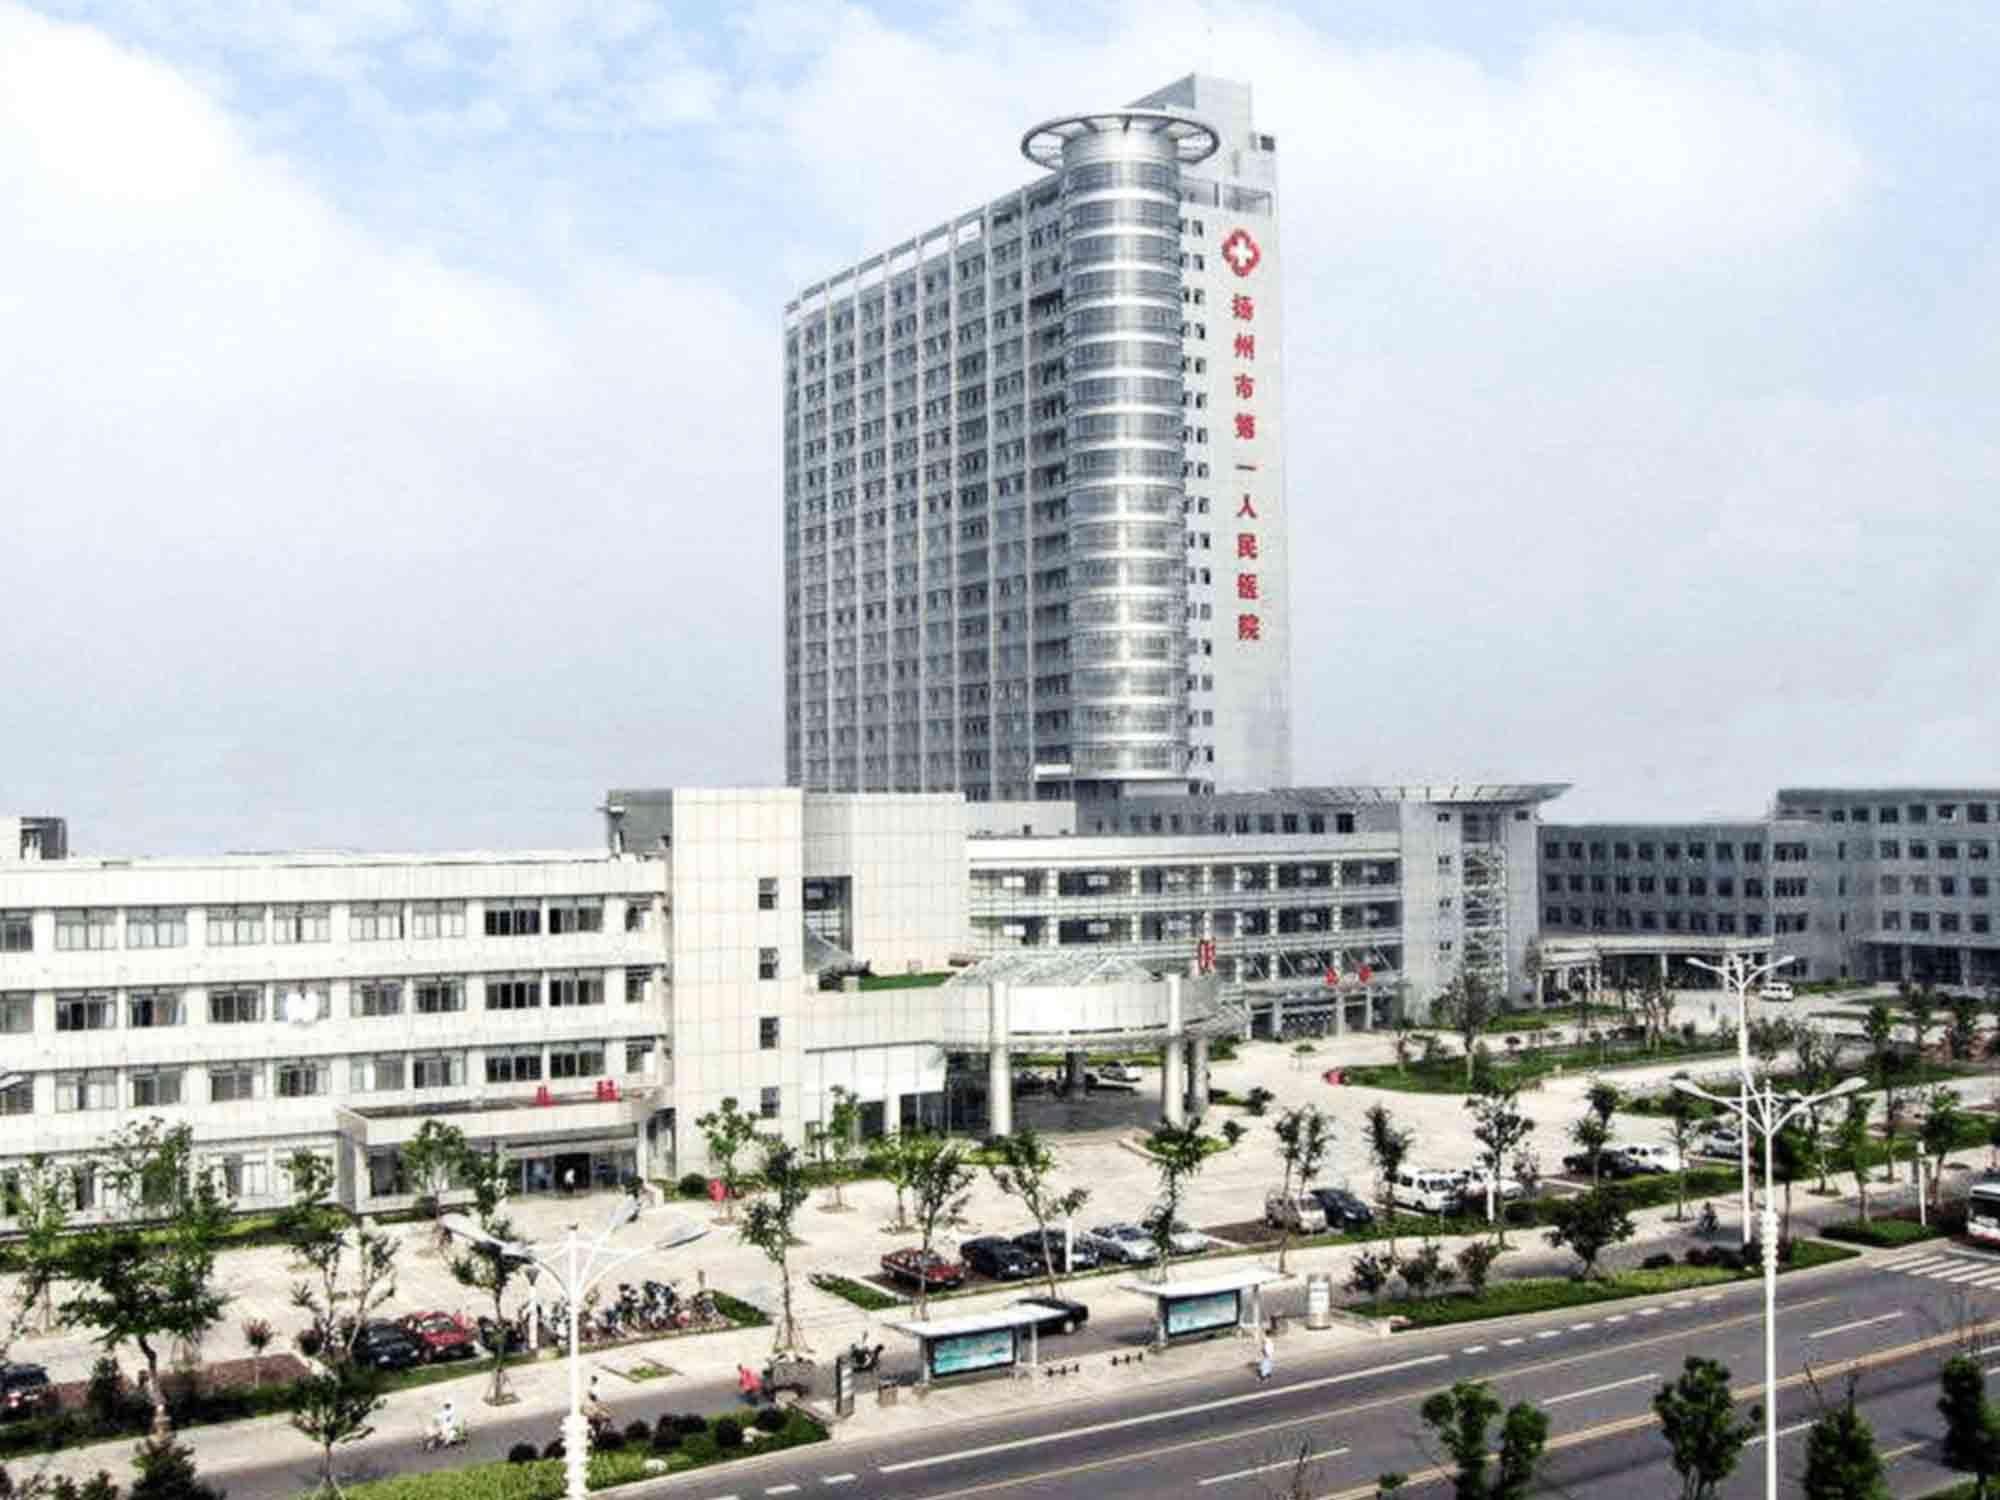 扬州大学附属医院体检中心(扬州市第一人民医院)